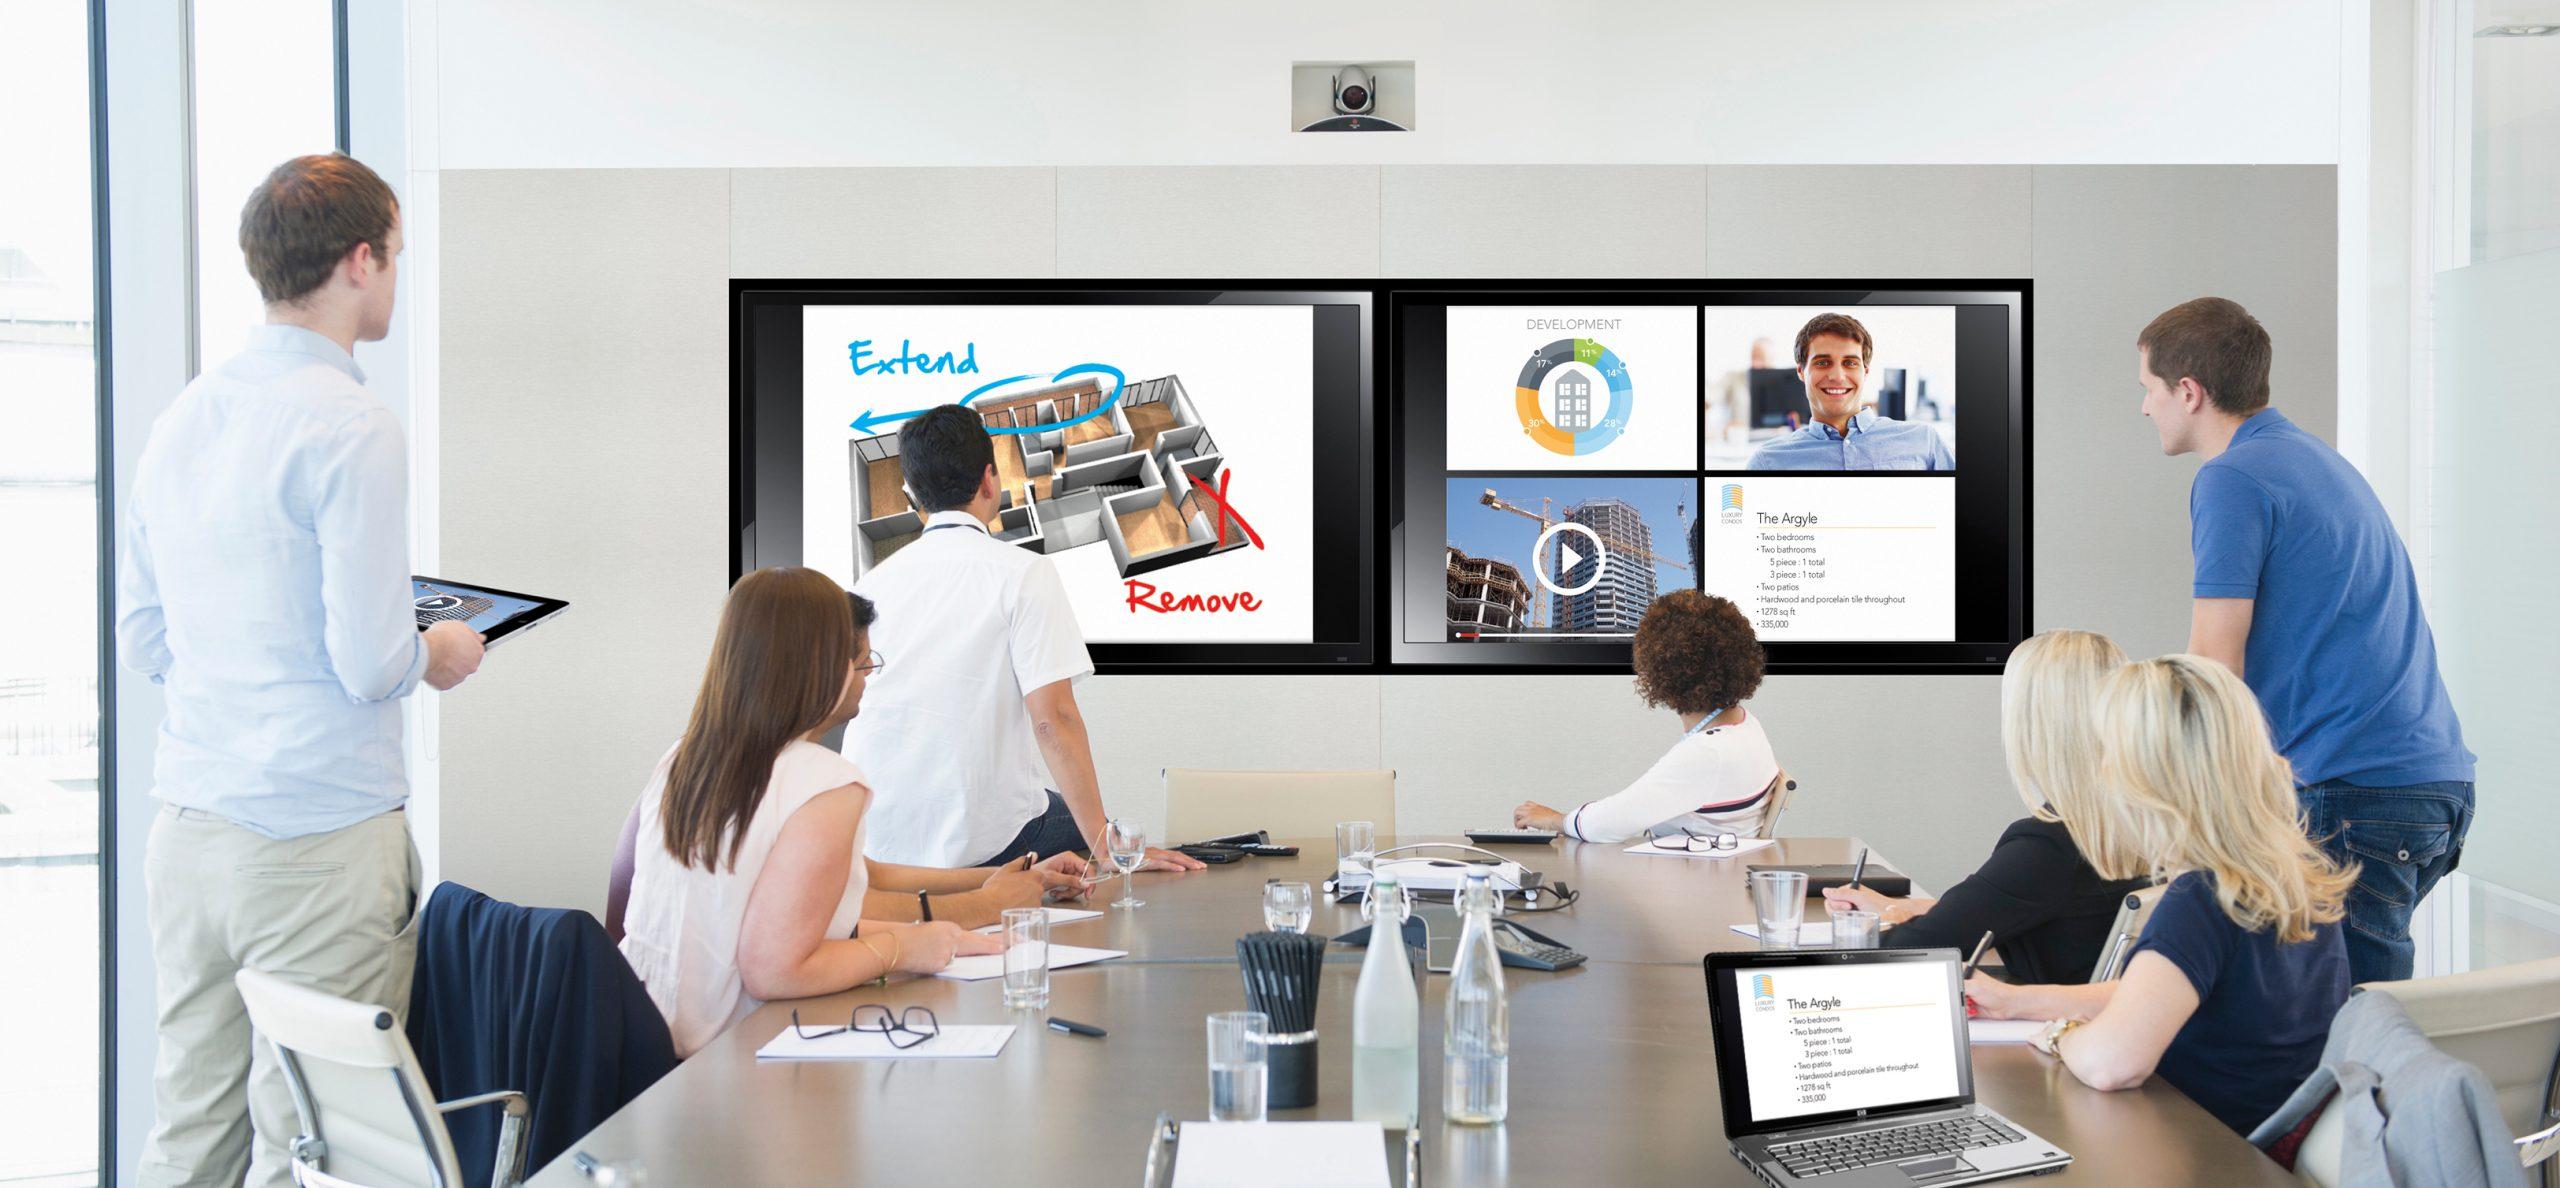 Boardroom Audio Visual services